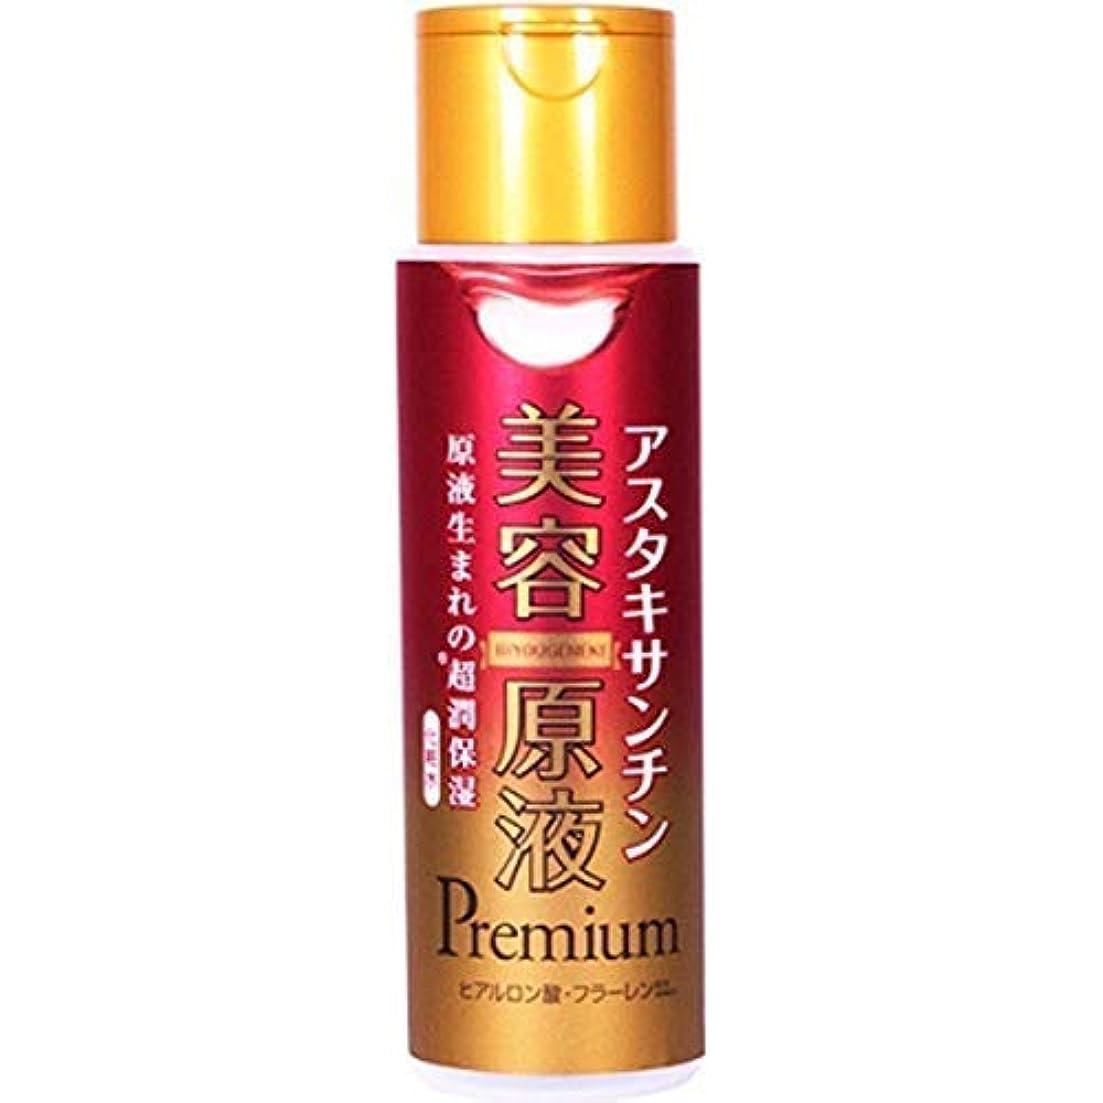 コミットメント上院やさしい美容原液 超潤化粧水 ヒアルロン酸&アスタキサンチン 185mL (化粧水 エイジングケア 高保湿)